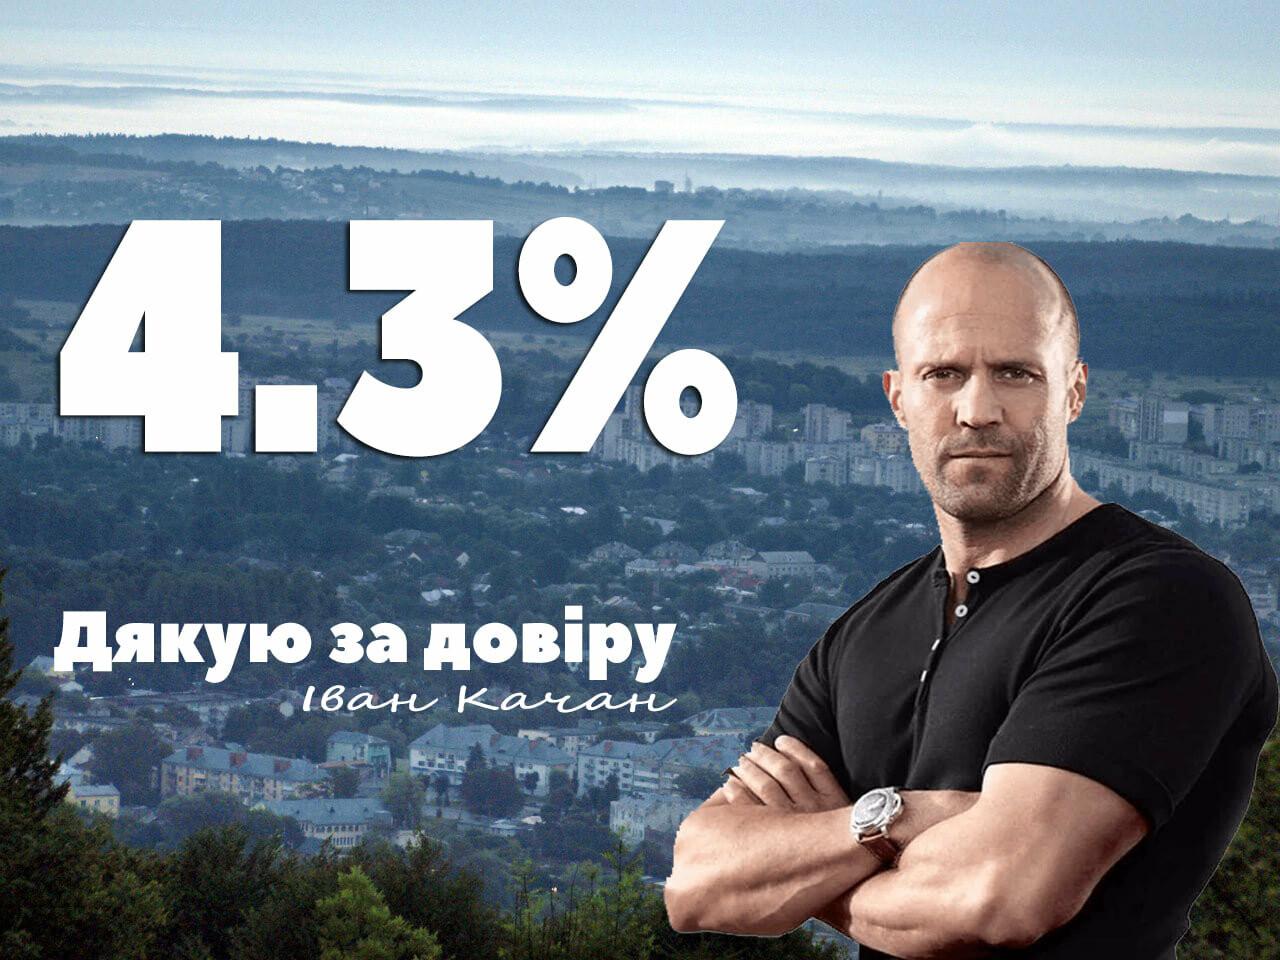 Віртуальний «кандидат» на міського голову Борислава, який приймав участь в опитуванні